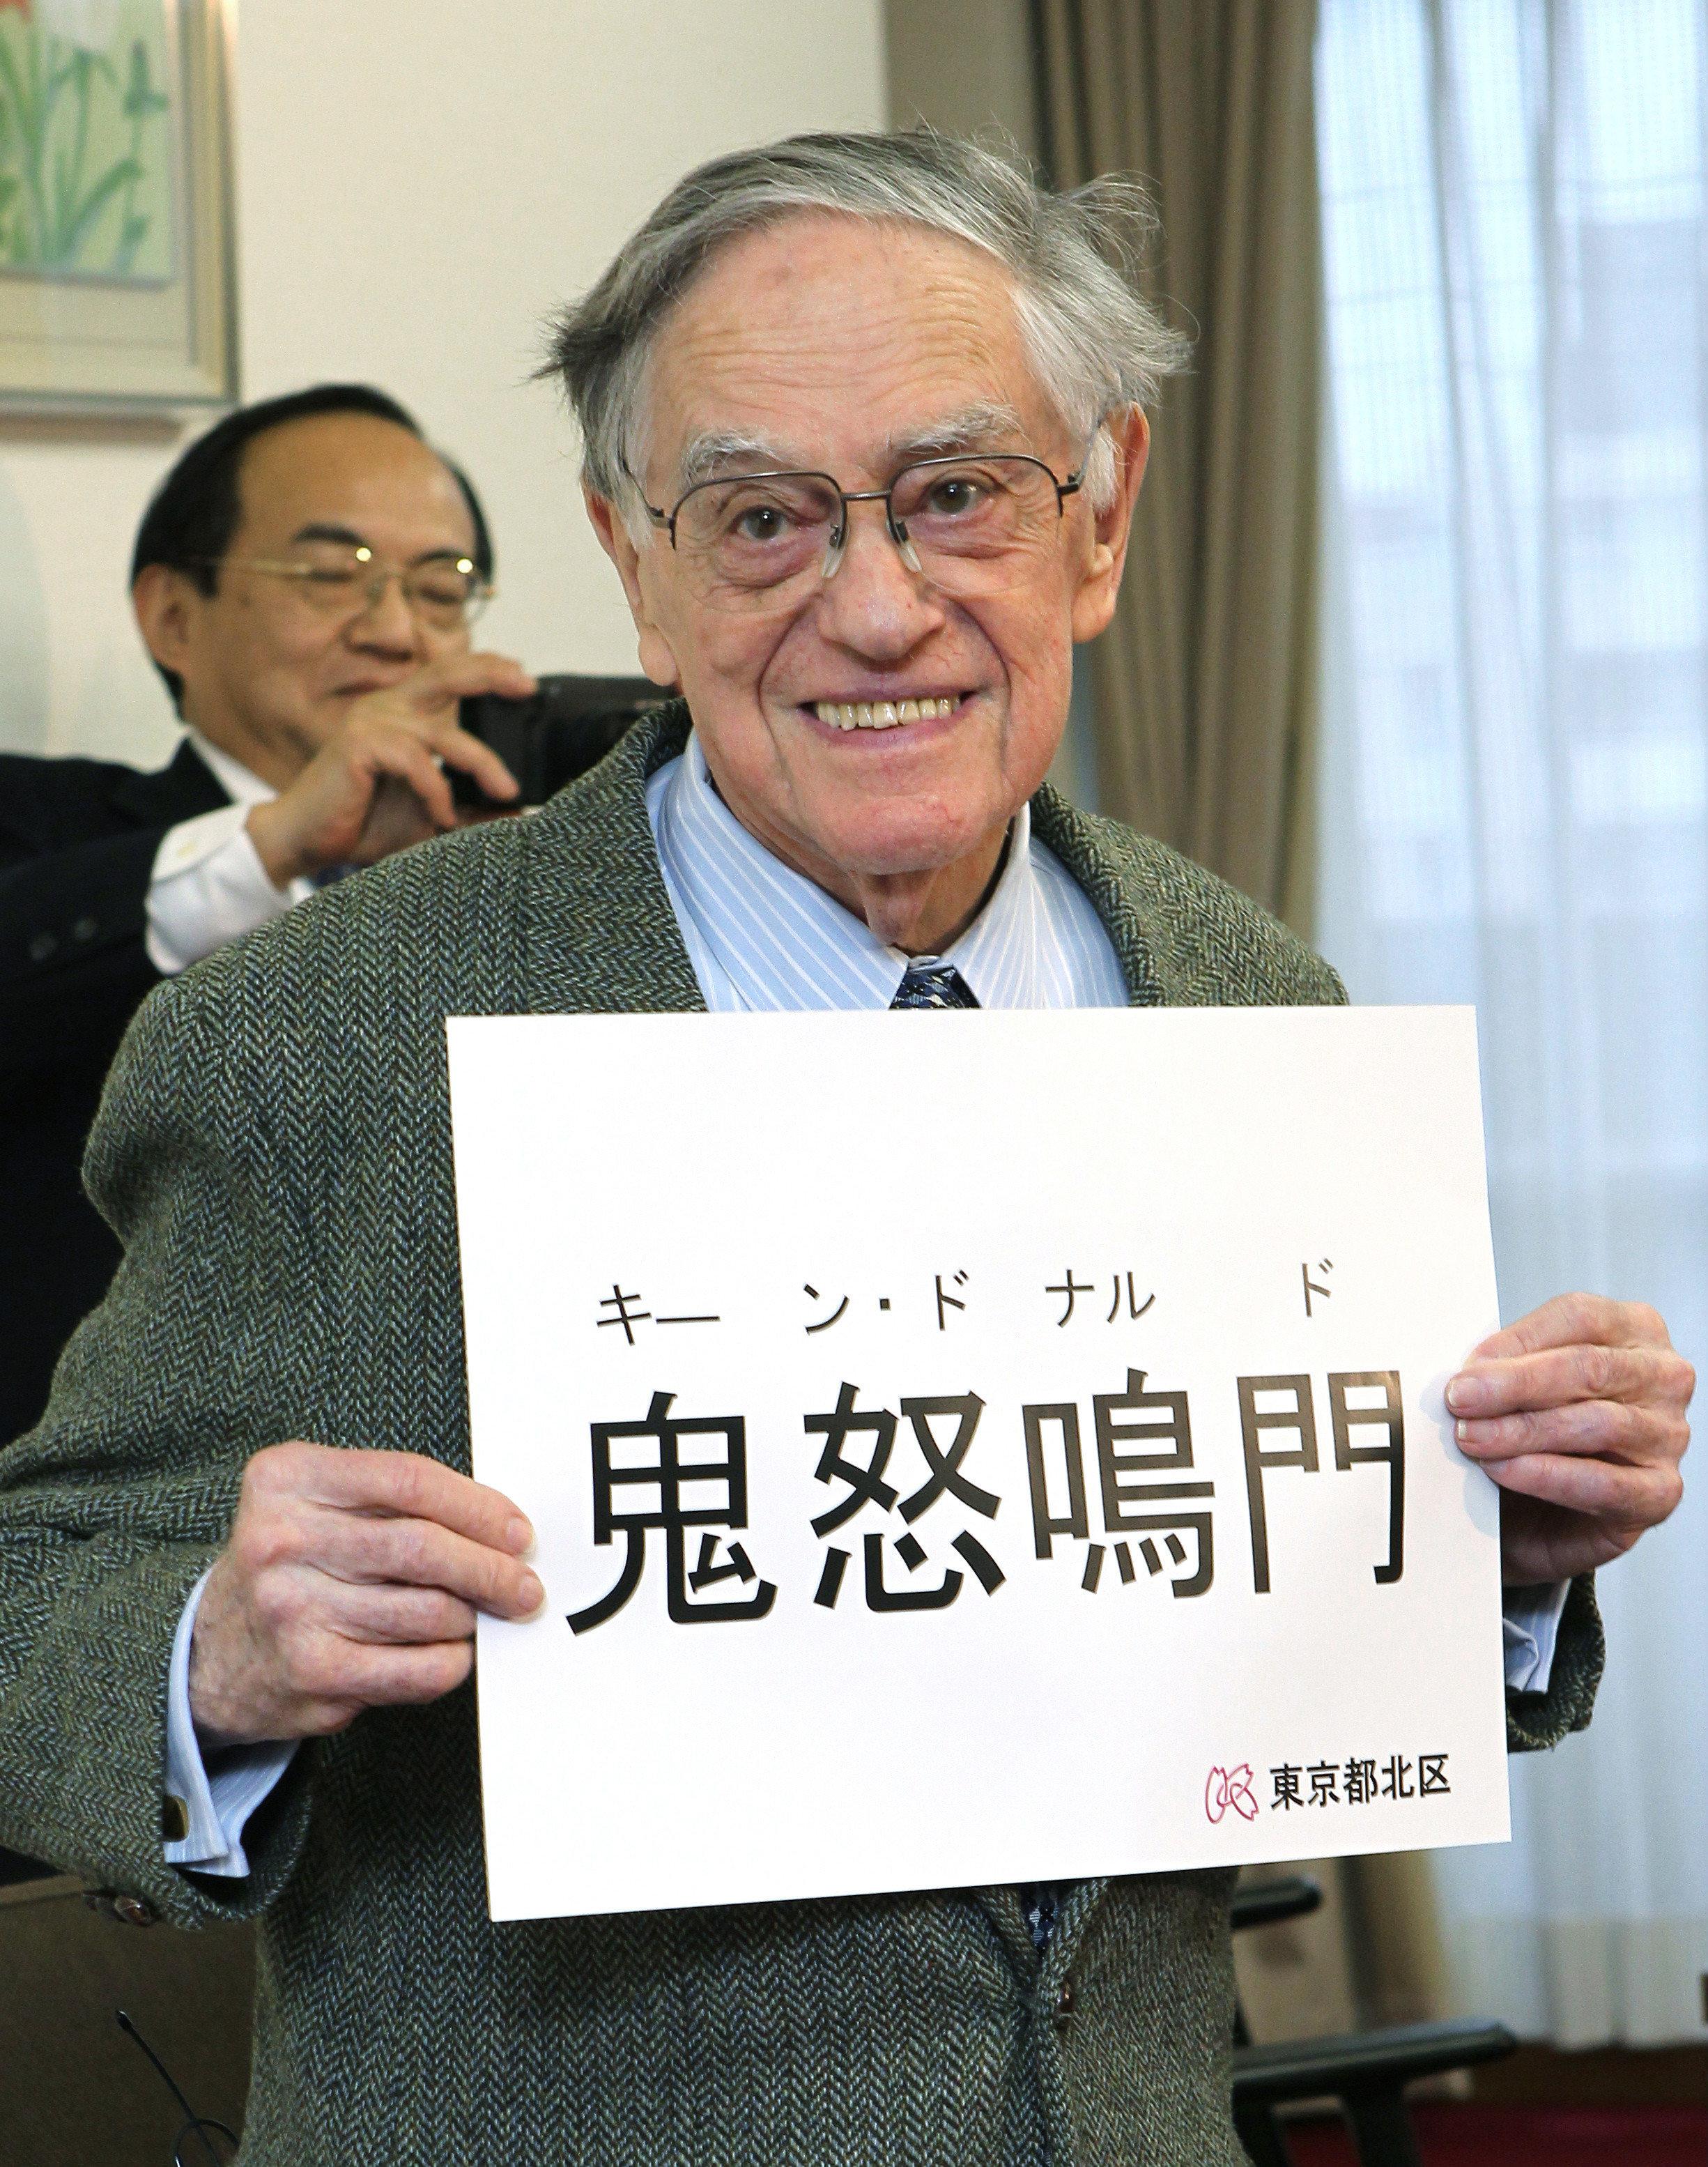 日本国籍を取得したキーンさん